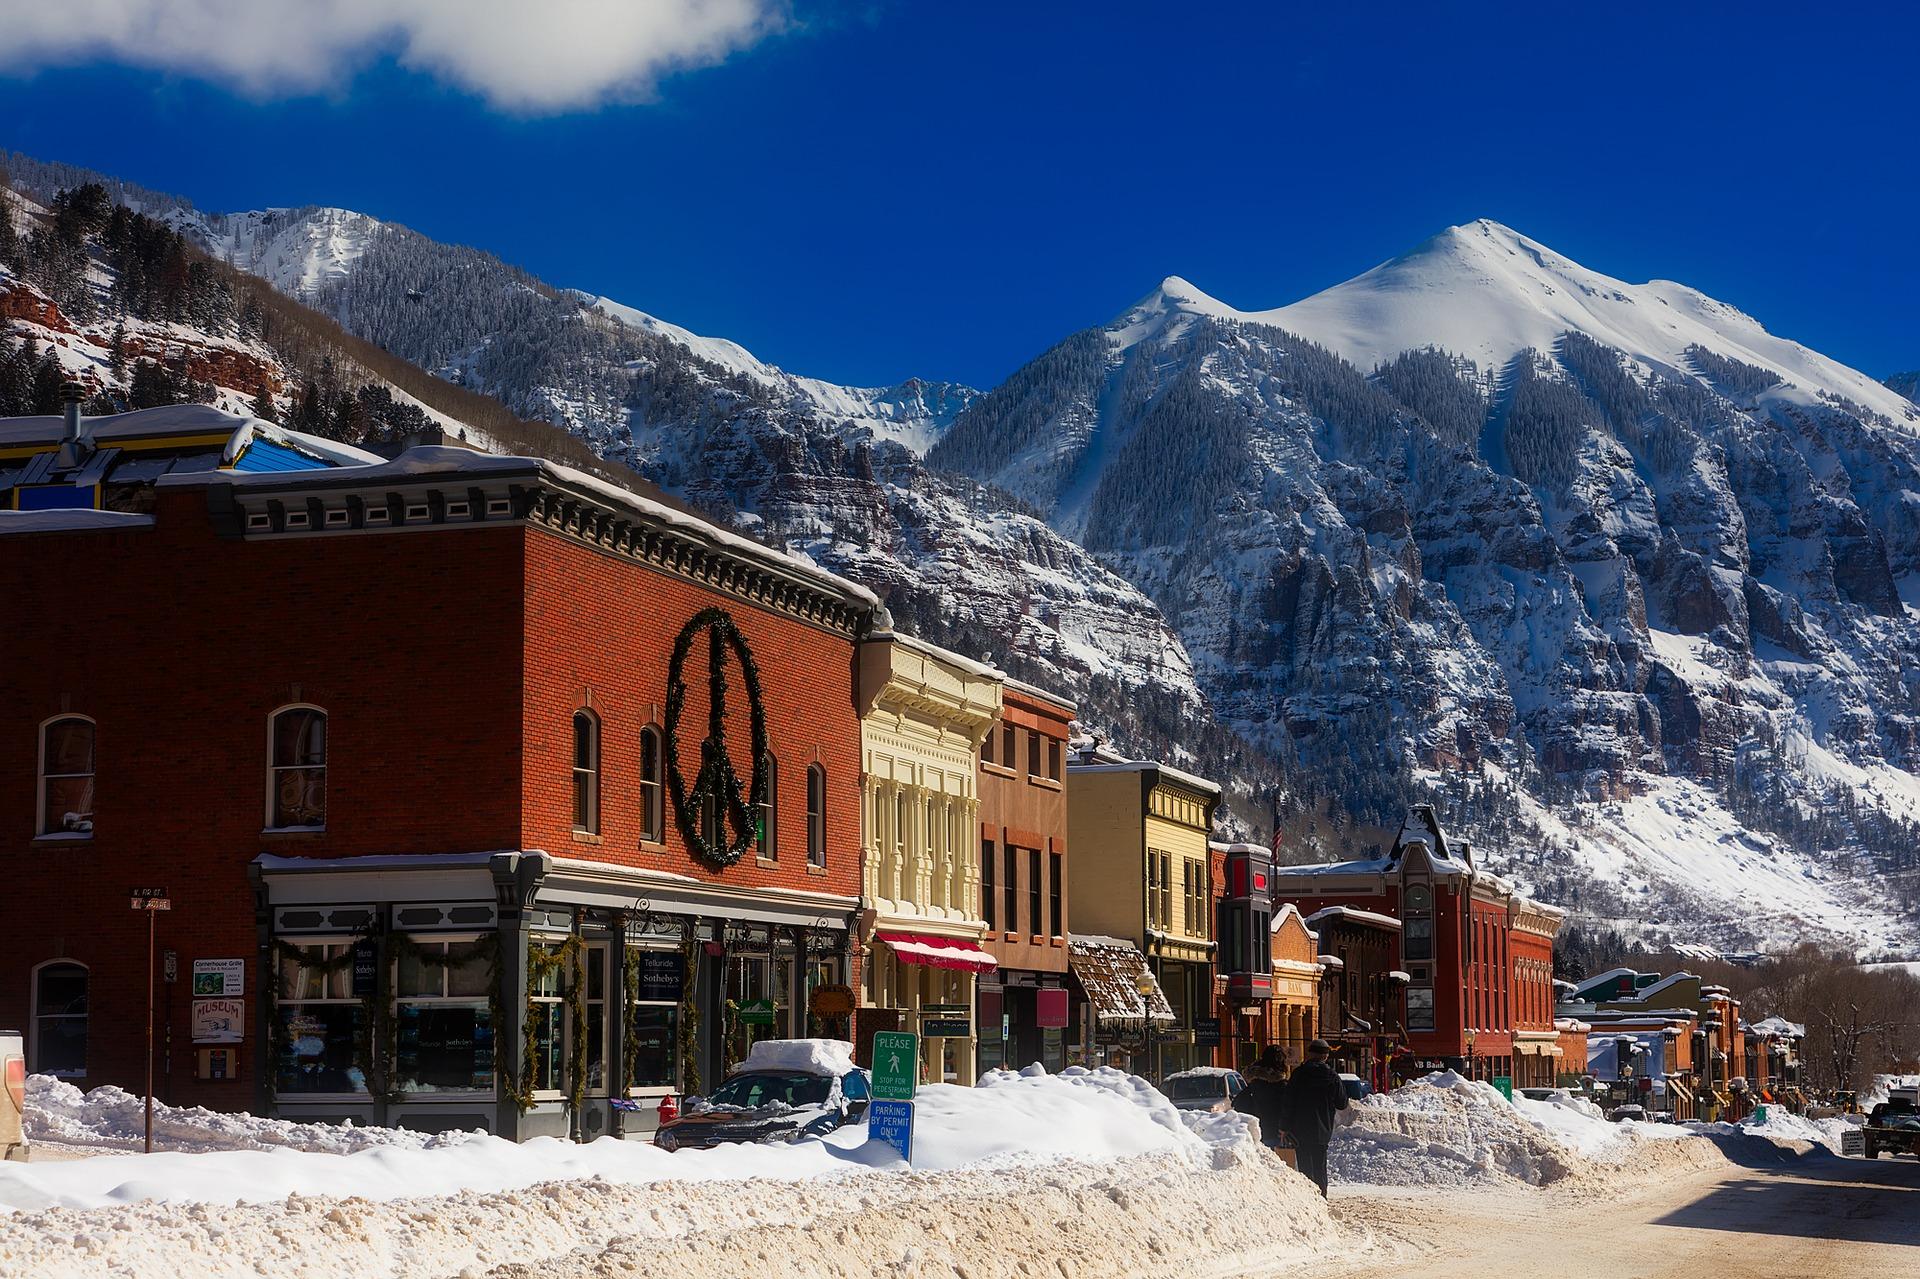 Ski retreat in colorado luxury cabins passion for dubai for Ski cabins in colorado